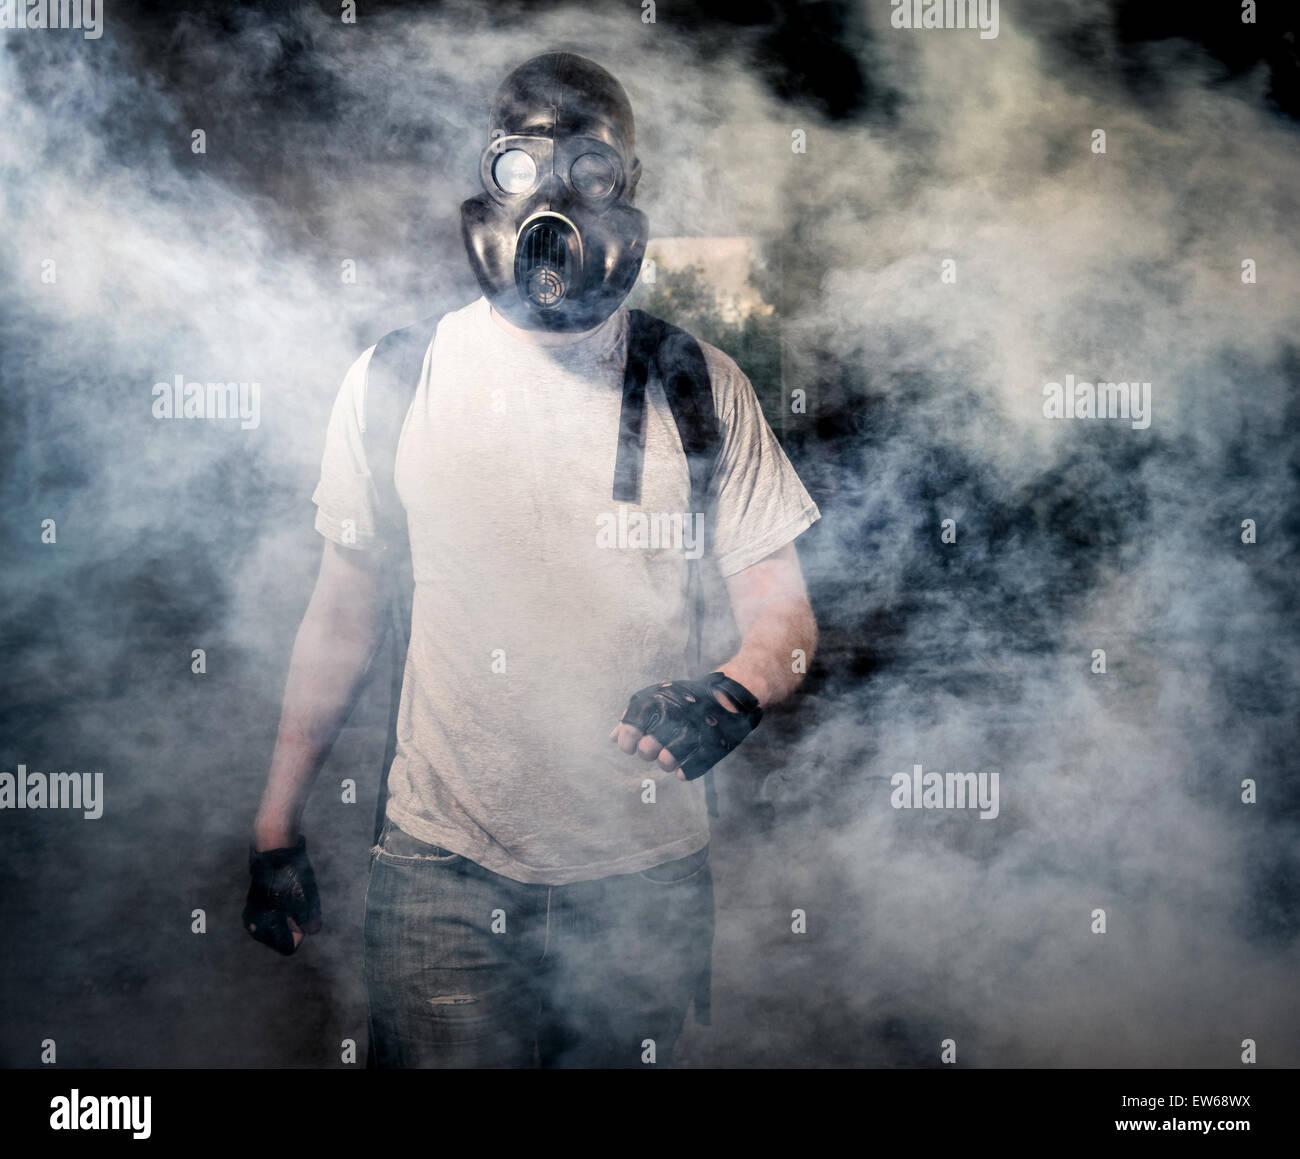 Uomo in una maschera a gas a piedi attraverso il fumo Immagini Stock